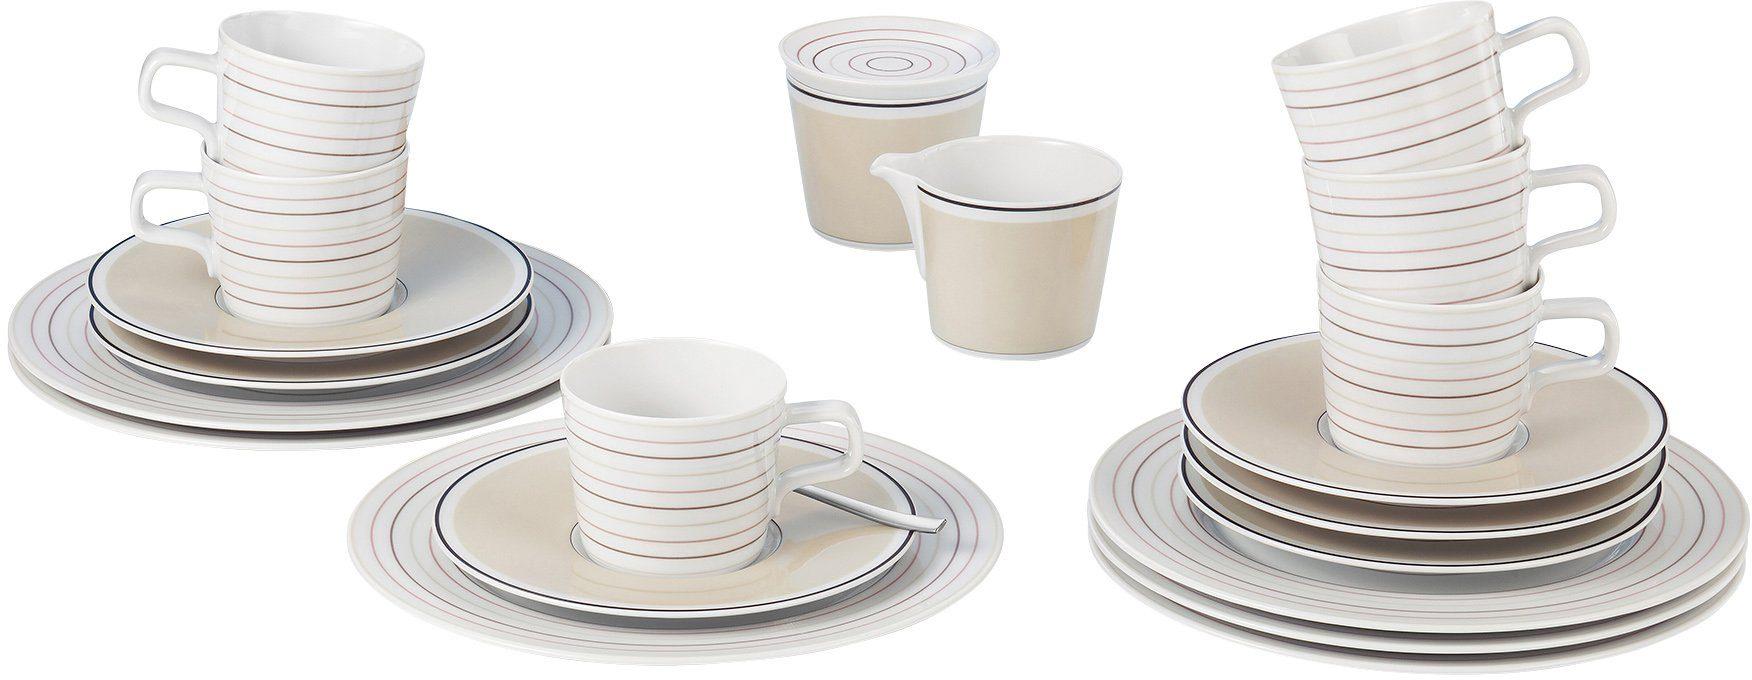 Seltmann Weiden Kaffeeservice, Porzellan, 20-teilig, »NO LIMITS Creame lines«